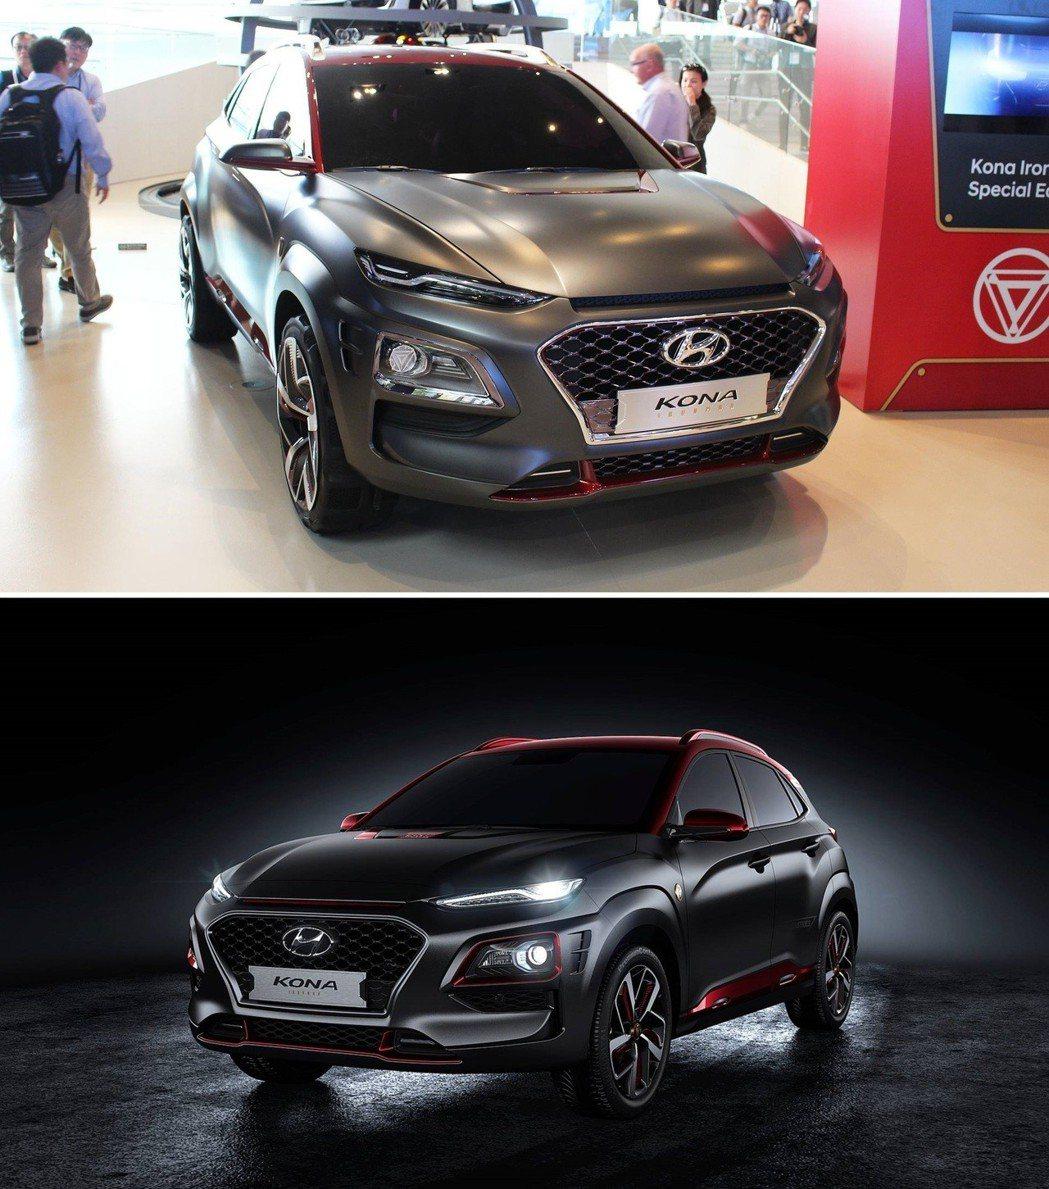 兩款都是Hyundai Kona Iron Man Edition,只不過上圖為...